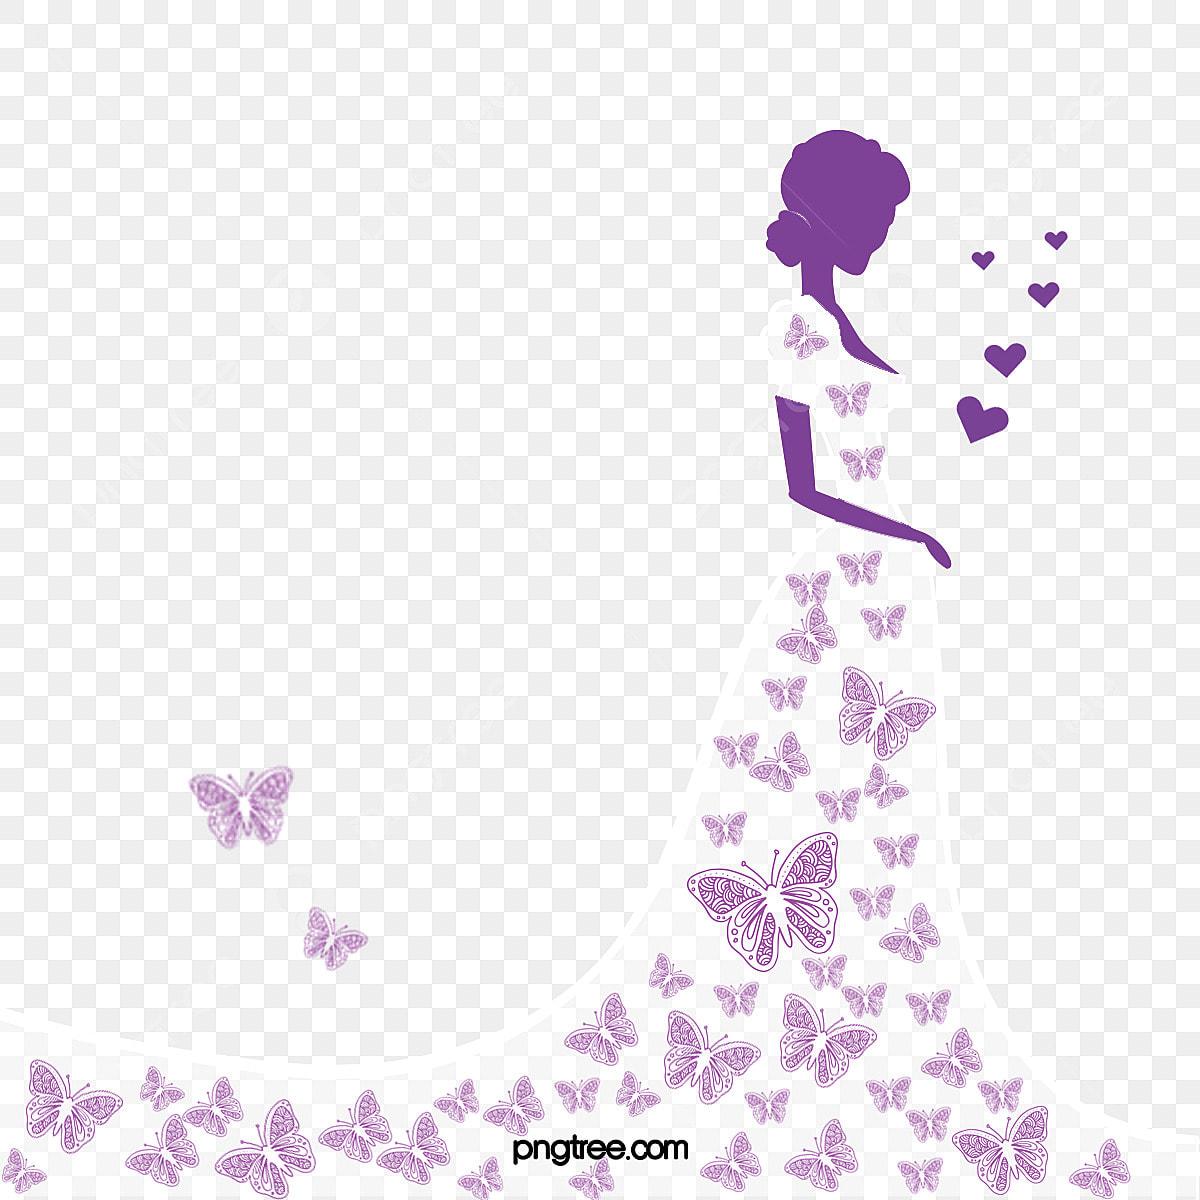 漫画の手描きのバタフライドレス ウェディング 女性イラスト バタフライ スカート ウェディングドレス画像とpsd素材ファイルの無料 ダウンロード Pngtree